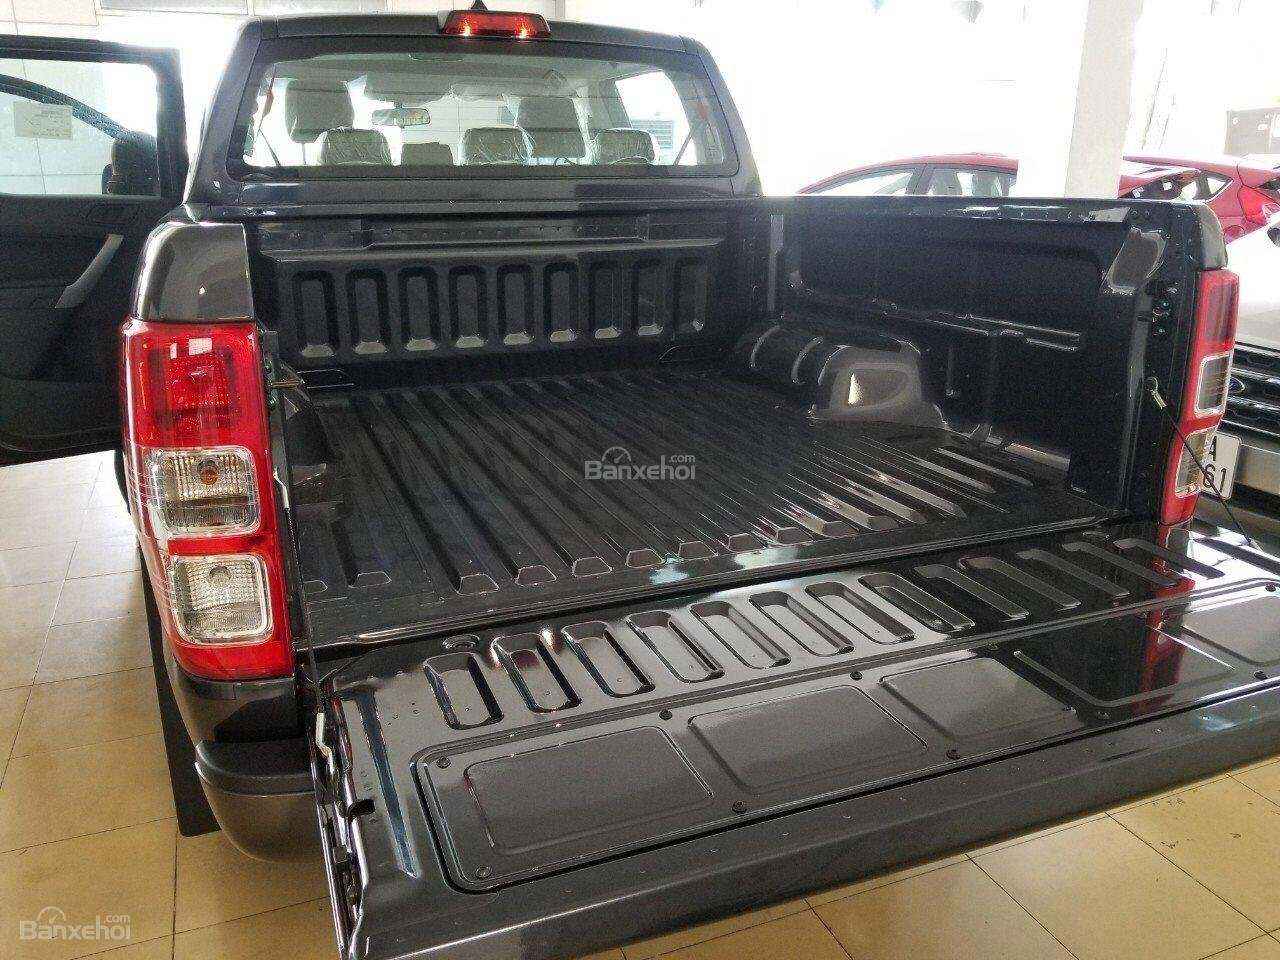 Bán Ford Ranger XLS 2.2L 4x2 AT màu xám - 620 triệu, xe giao ngay, KM phụ kiện chính hãng (3)